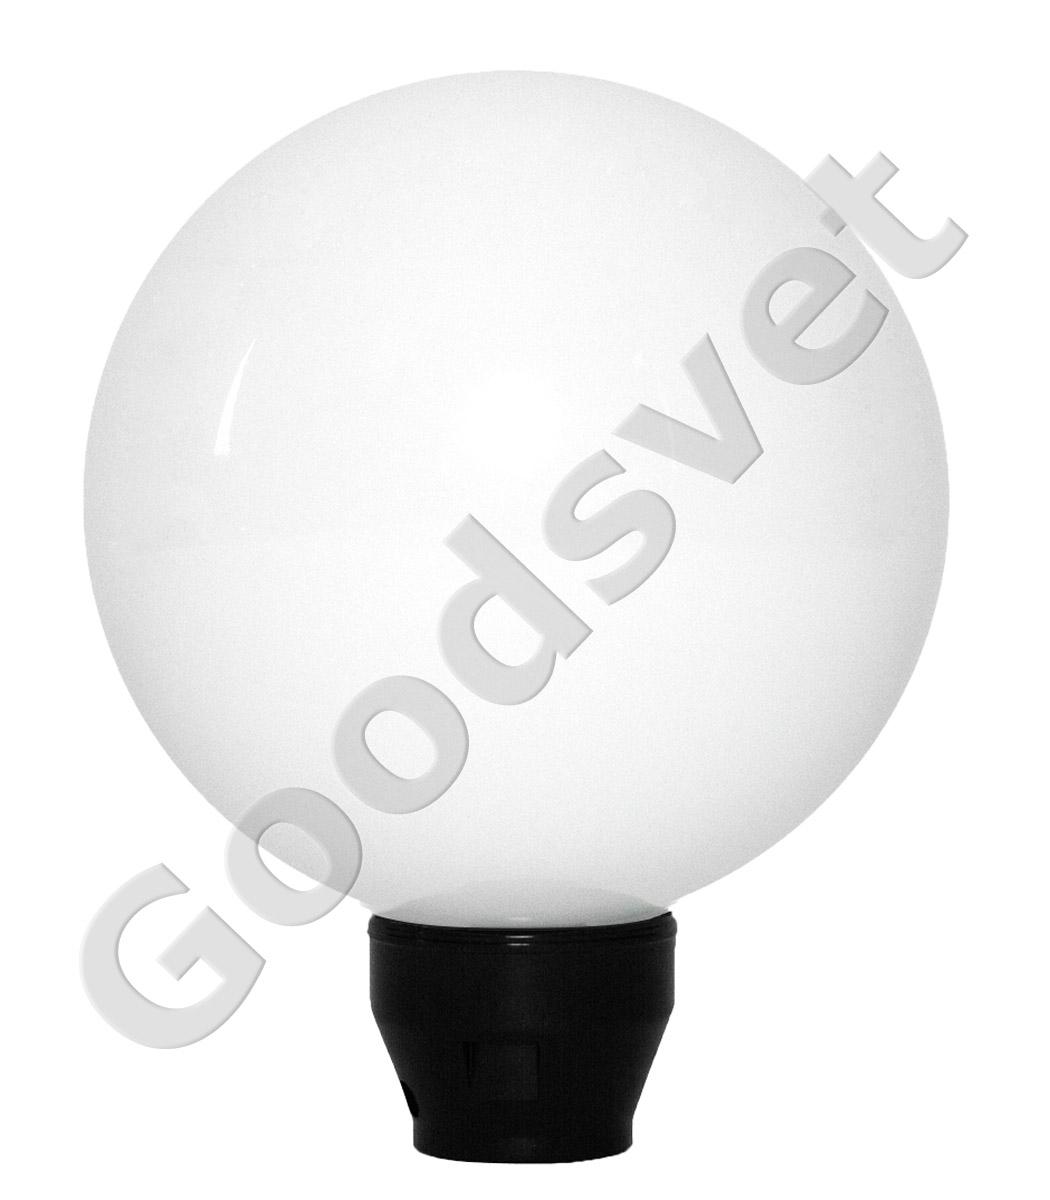 Купить светодиодные лампы для уличного освещения в спб